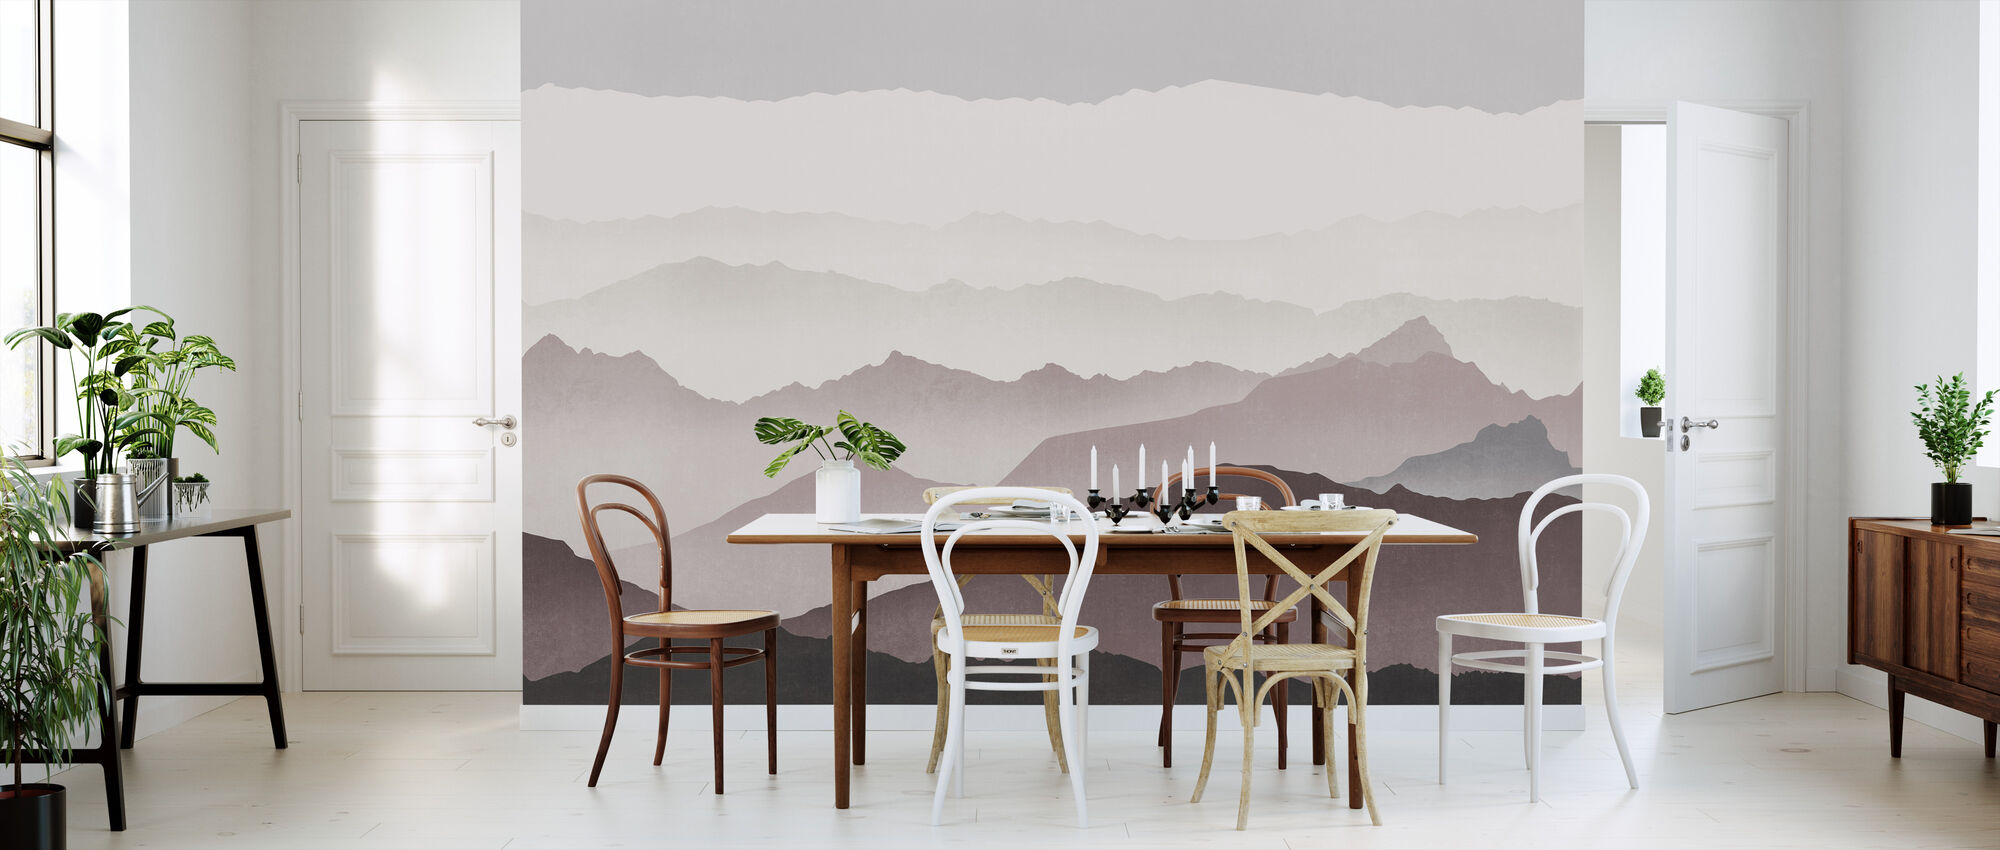 Misty Landskap - Plomme - Tapet - Kjøkken